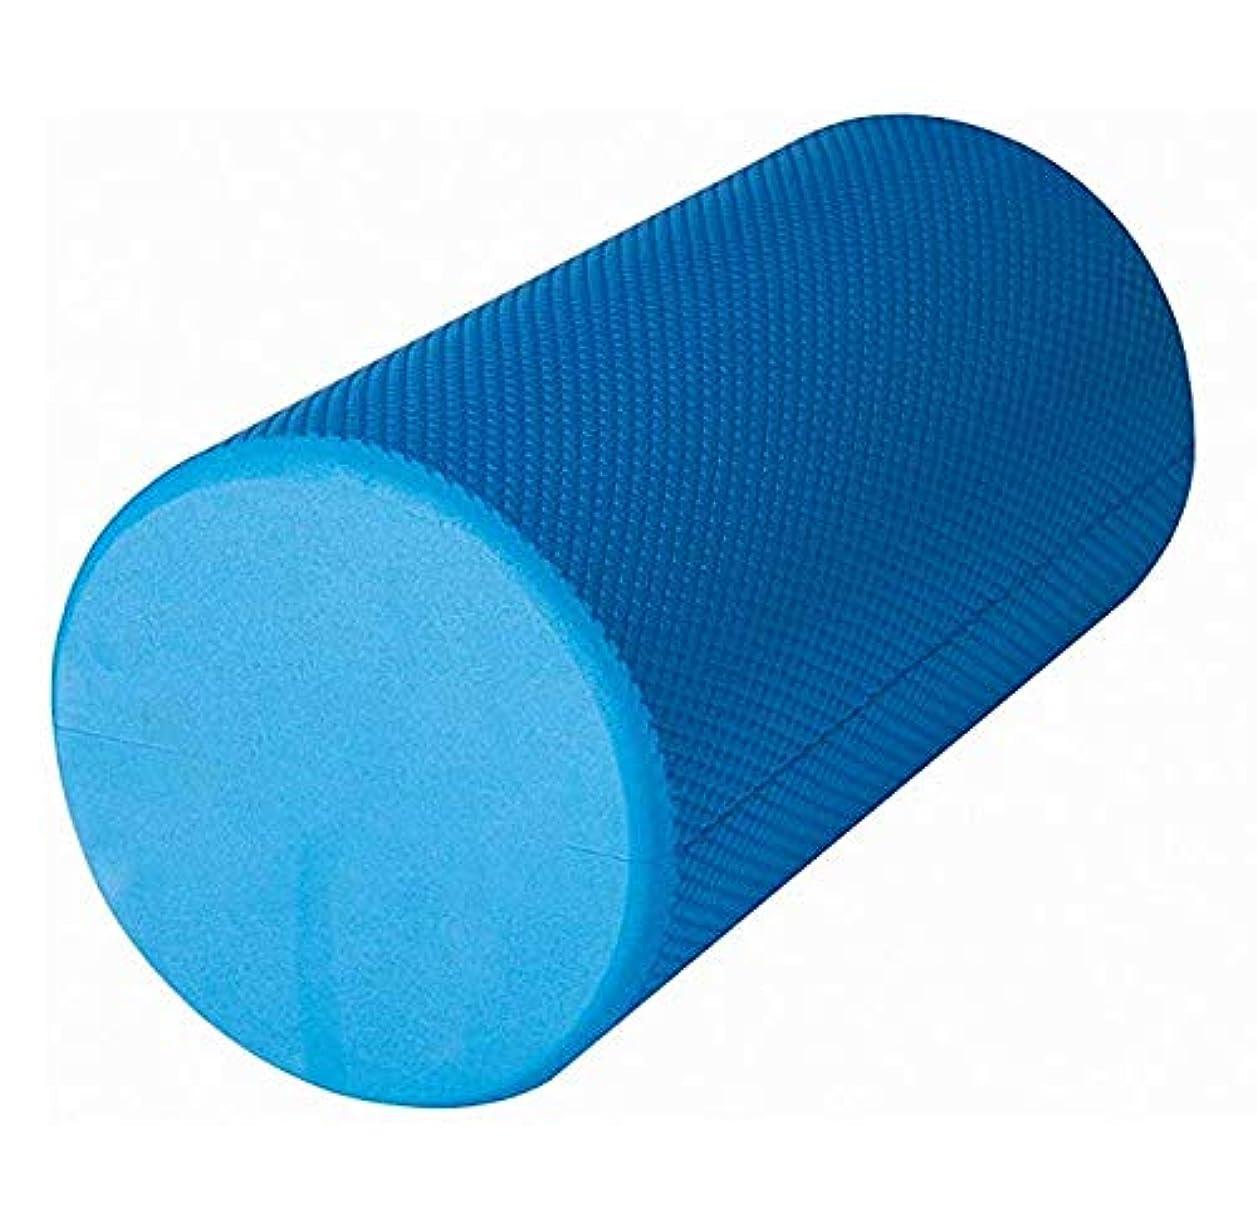 吸収するヘルパー教えてフォームローラー、ディープティシューマッスルマッサージ用バックローラー-ブルー,Blue -30x15cm